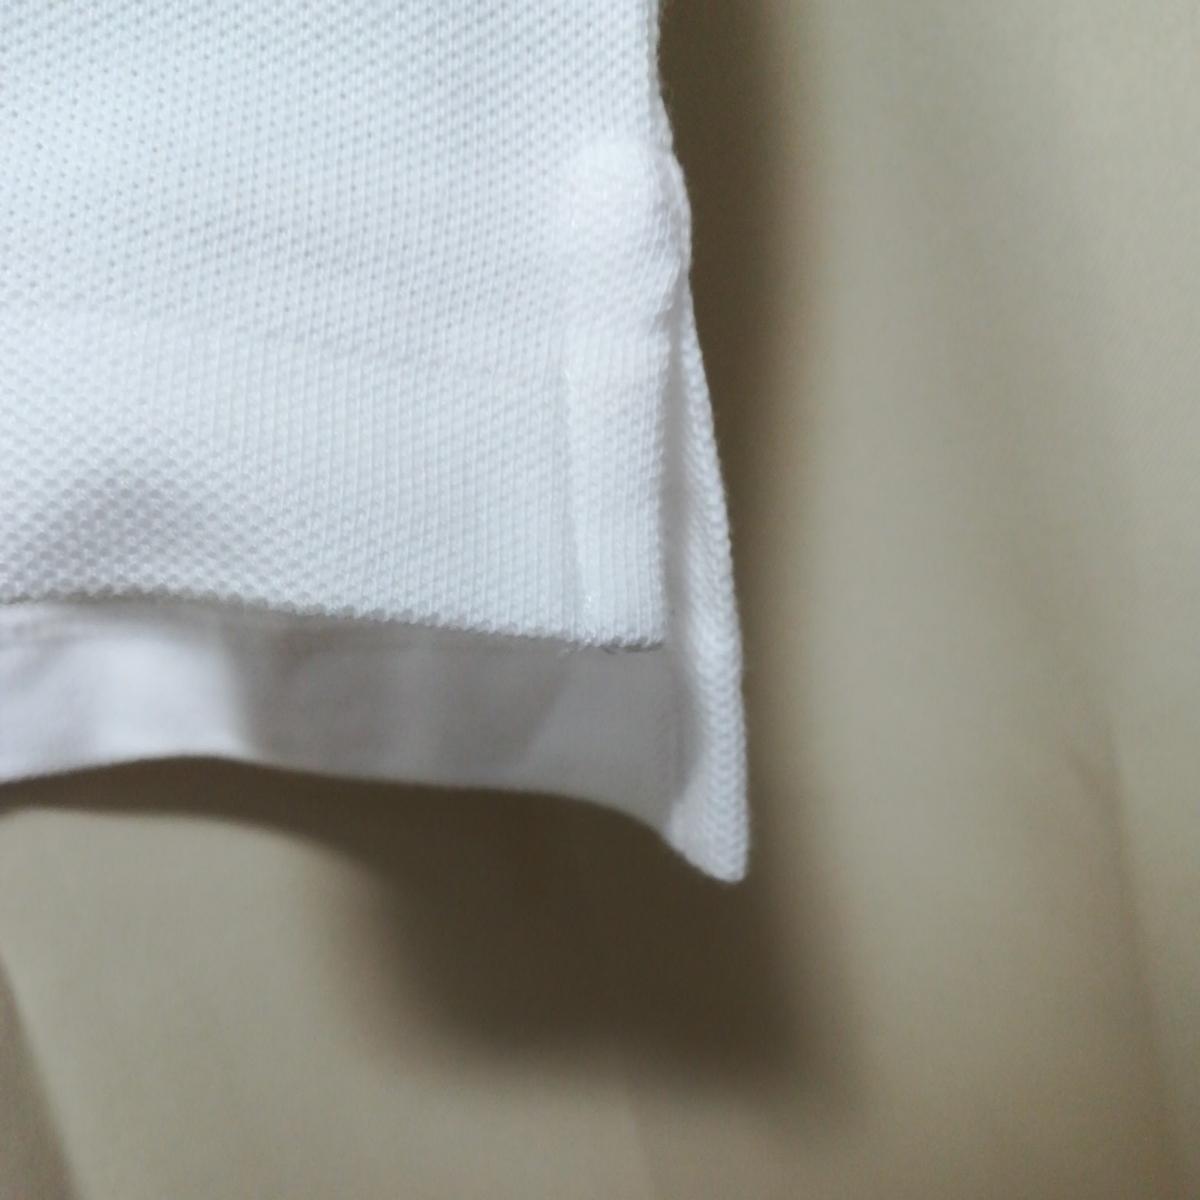 ラルフローレン ポロ レディース クラシックフィット ビッグポニー ポロシャツ XSサイズ_画像5